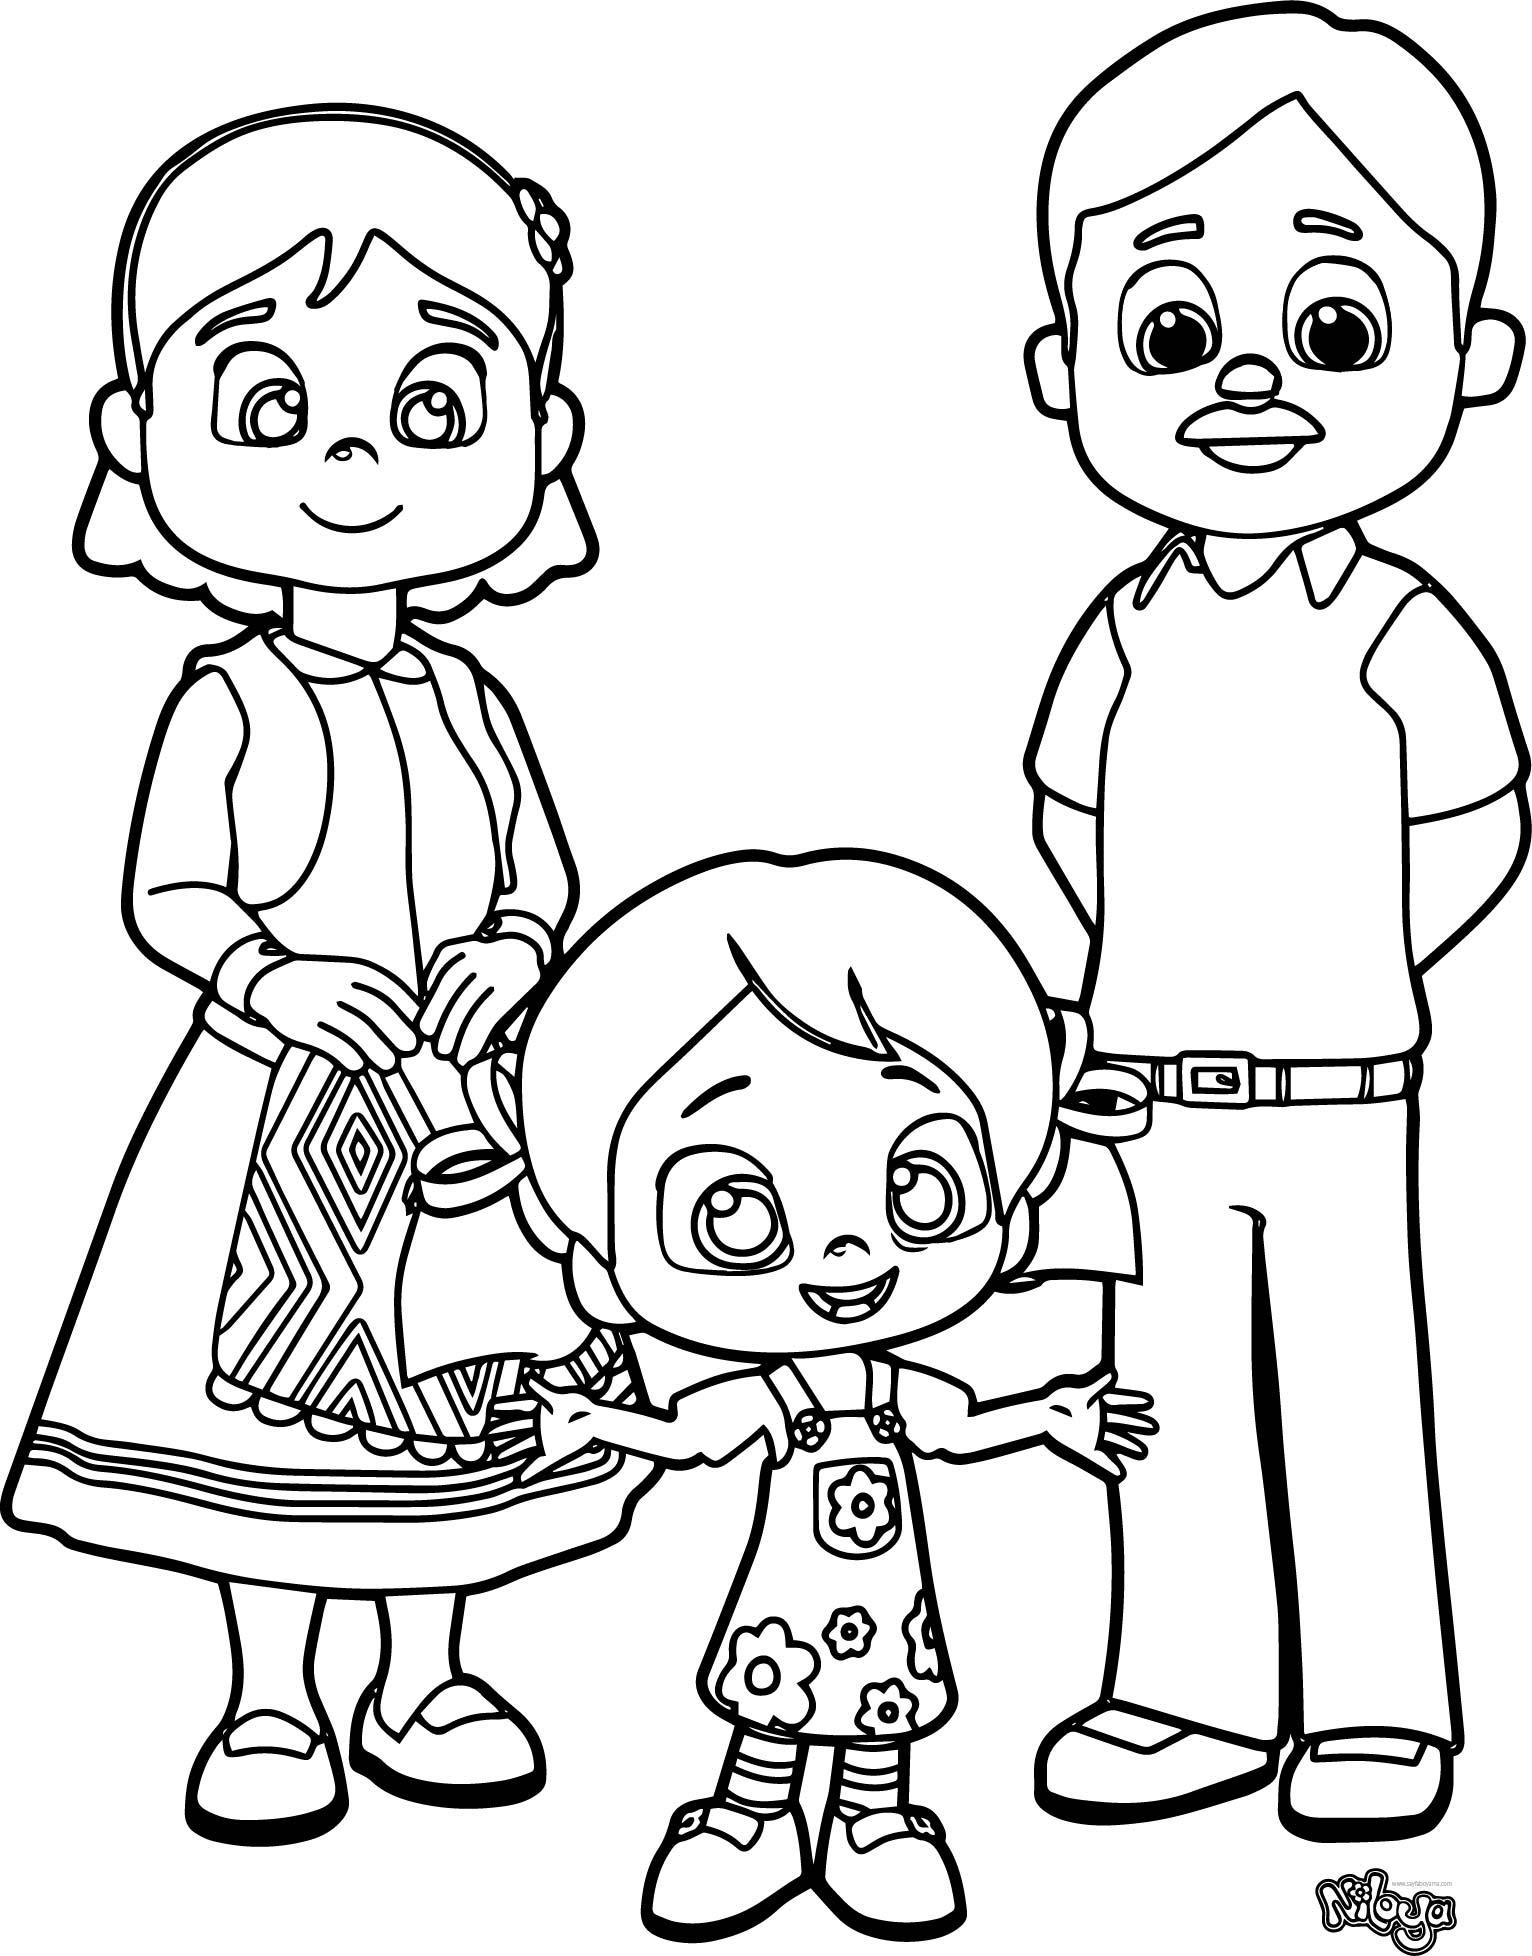 Niloya Ailesi Ile Beraber Boyama Sayfası